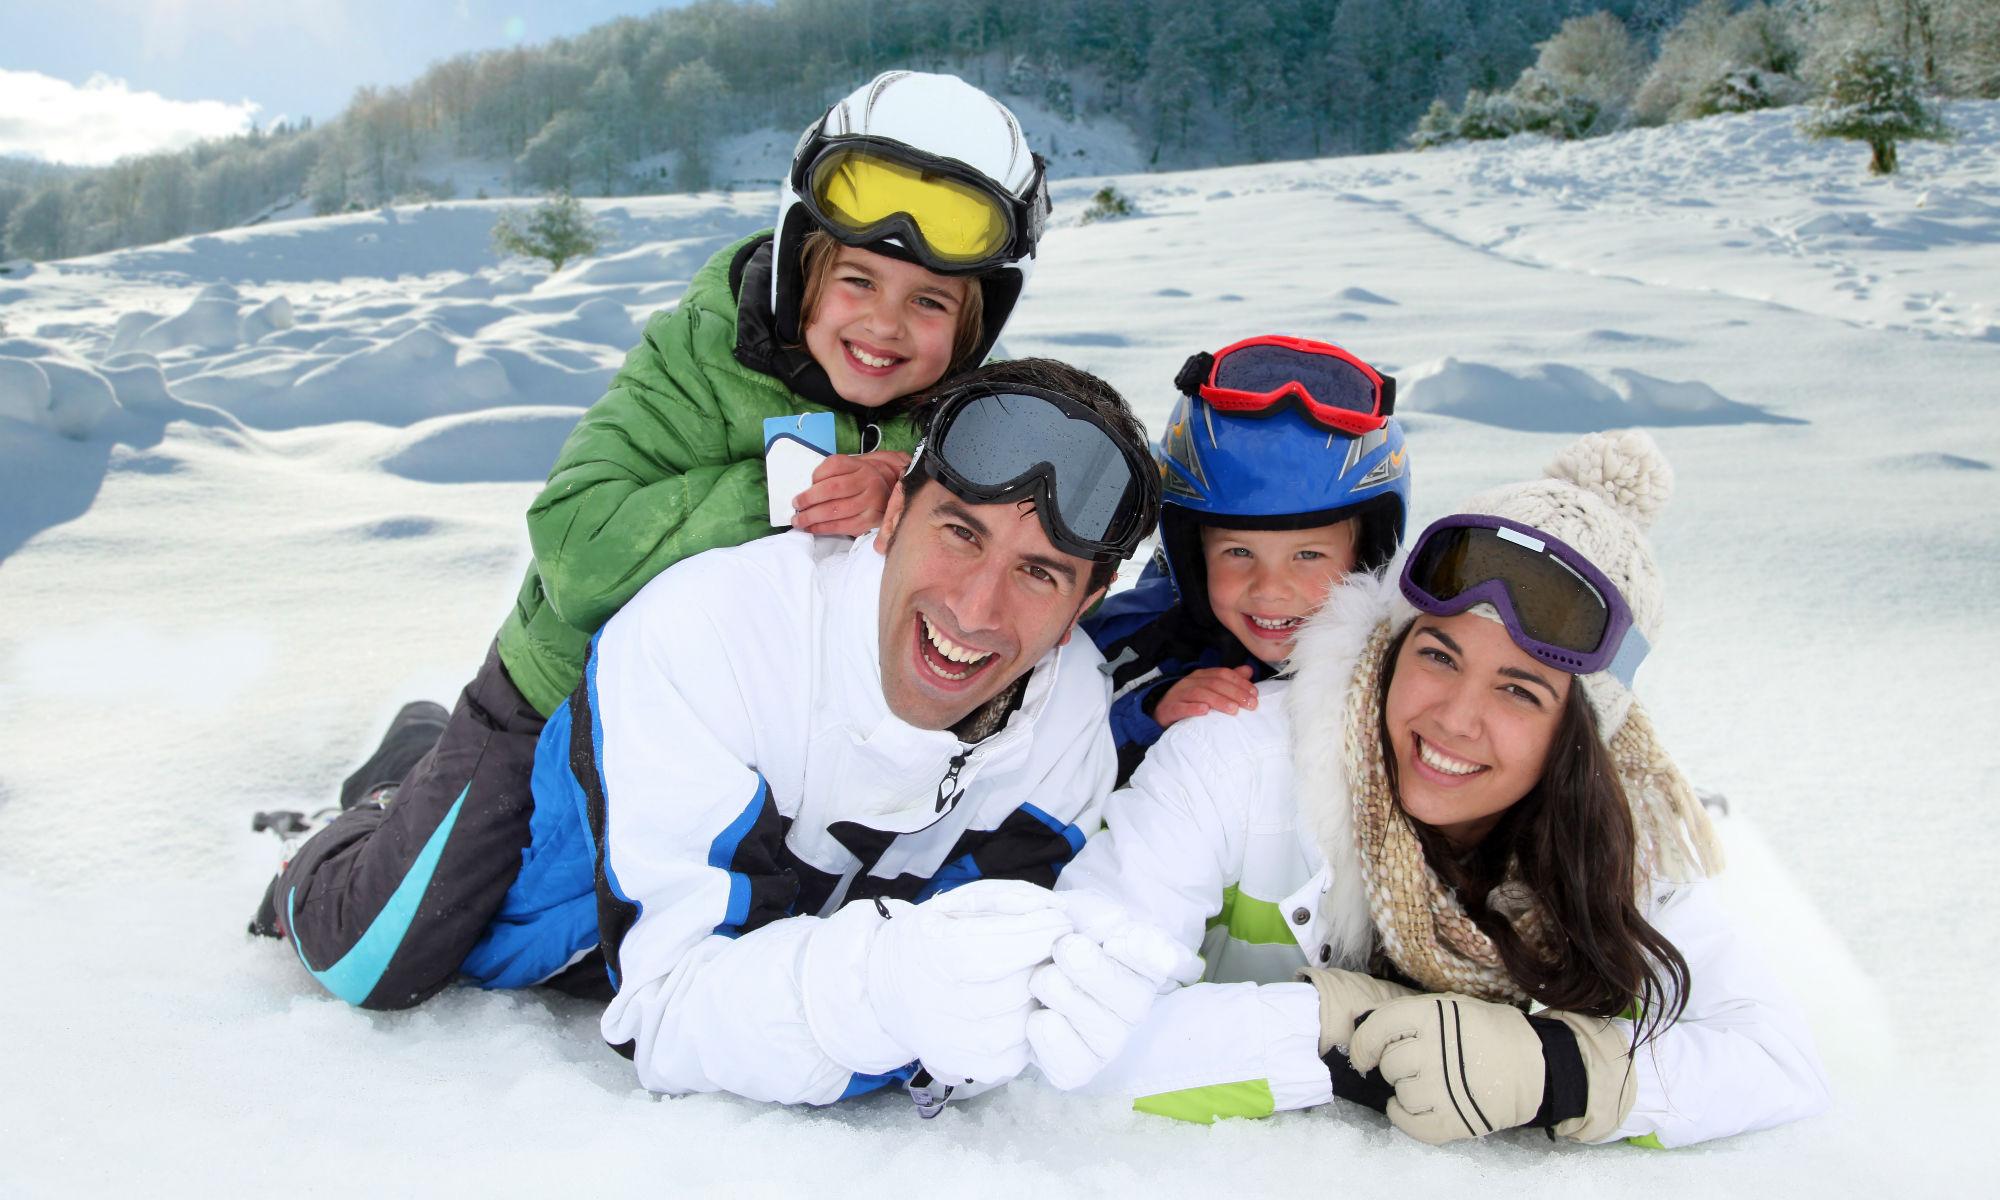 Una famiglia, composta da mamma, papà e due figli, posa sulla neve, sorridendo verso la macchina fotografica.